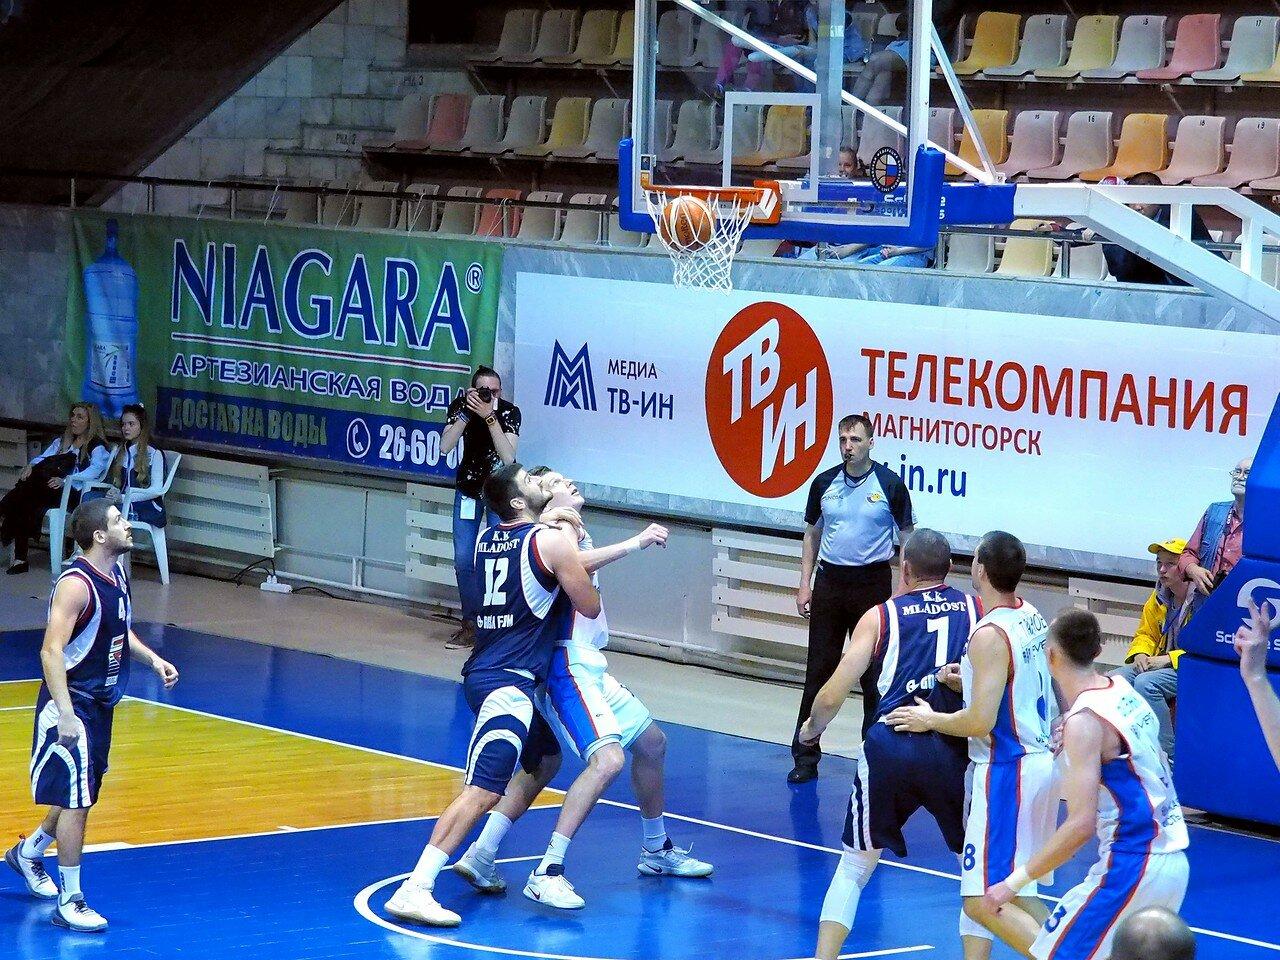 18 Младост - Динамо 28.05.2017